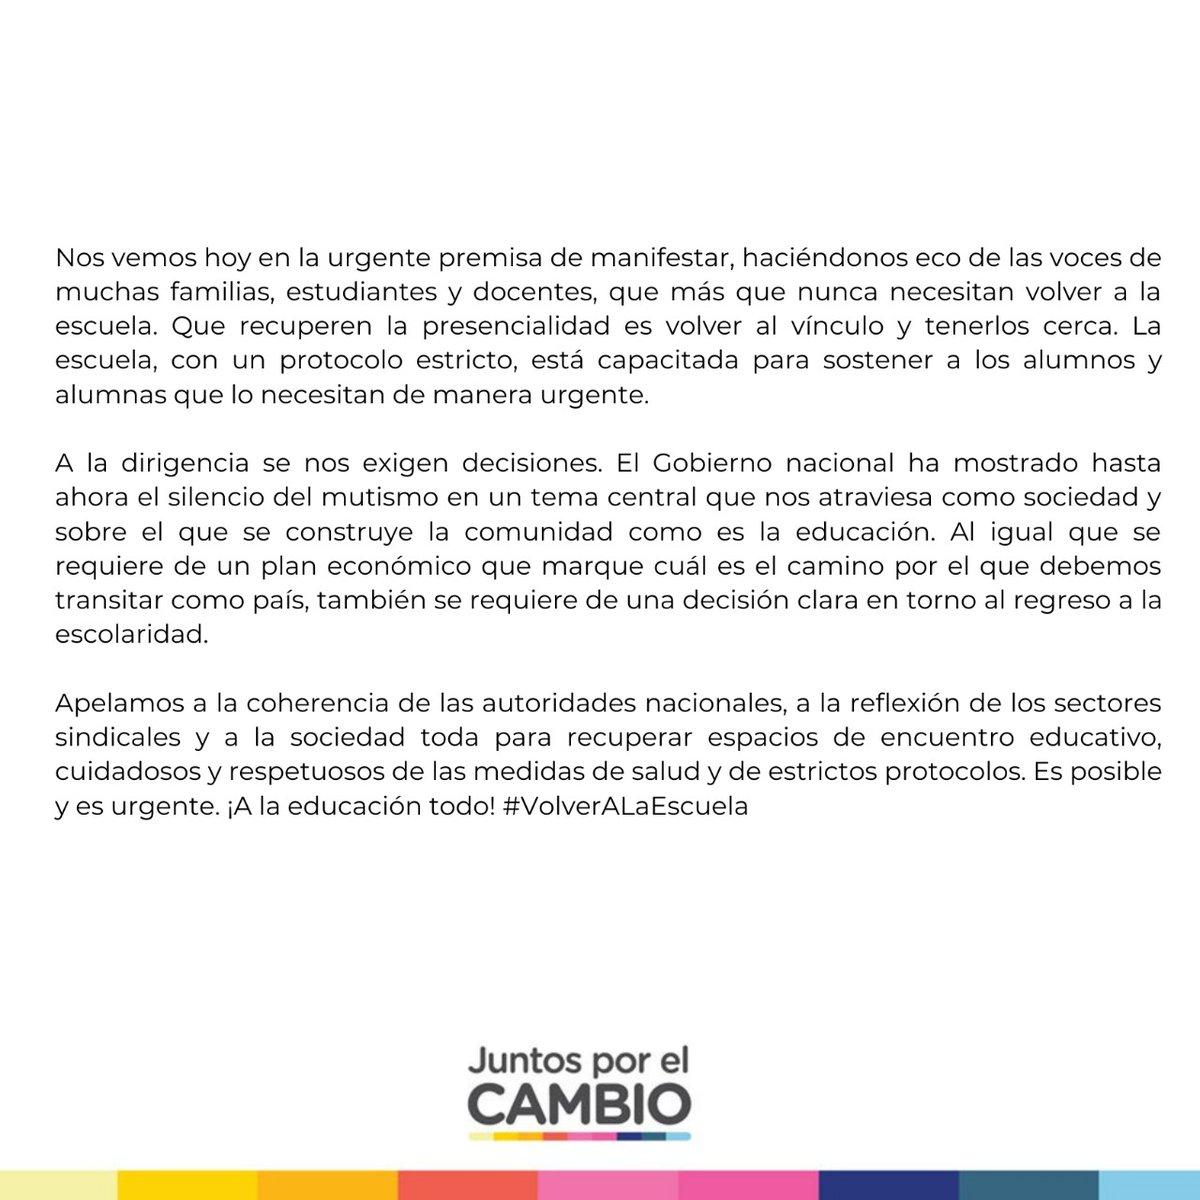 """""""LA EDUCACIÓN NO CAMBIA EL MUNDO, CAMBIA A LAS PERSONAS QUE VAN A CAMBIAR EL MUNDO"""" Los chicos y los docentes necesitan #VolverALaEscuela #volveralasaulas https://t.co/HQ3ivtnbIj"""